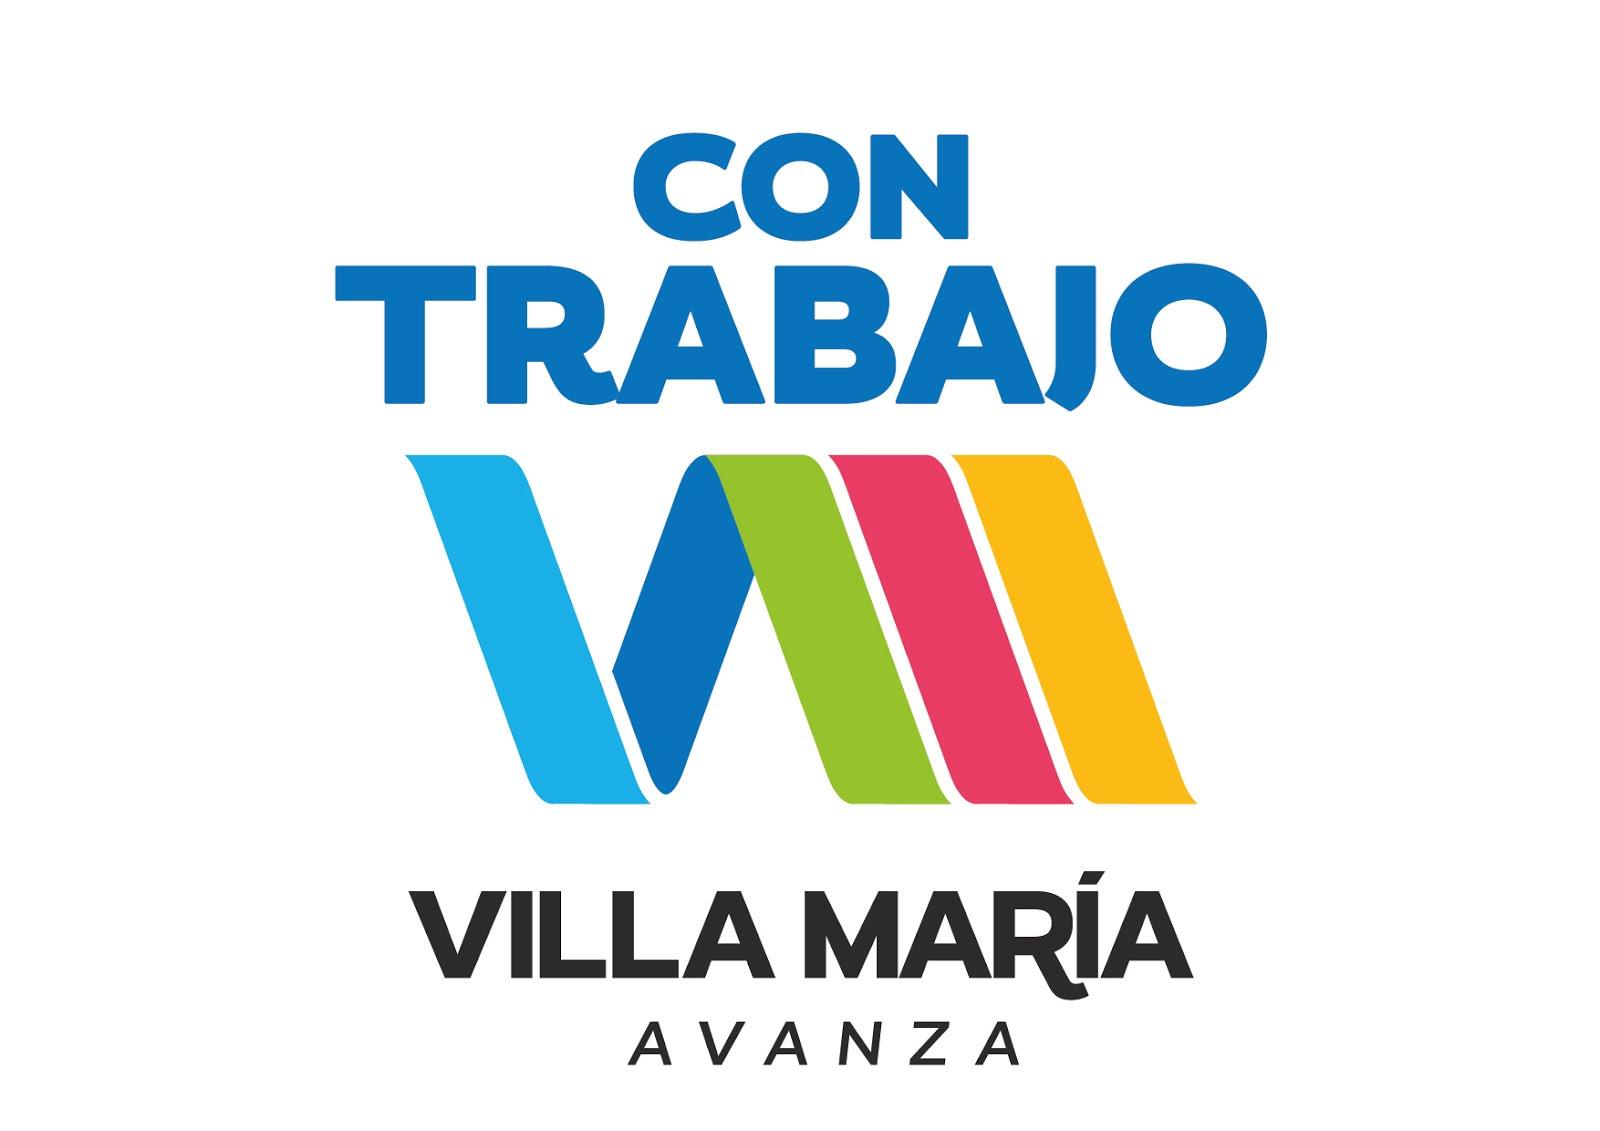 Villa María Avanza